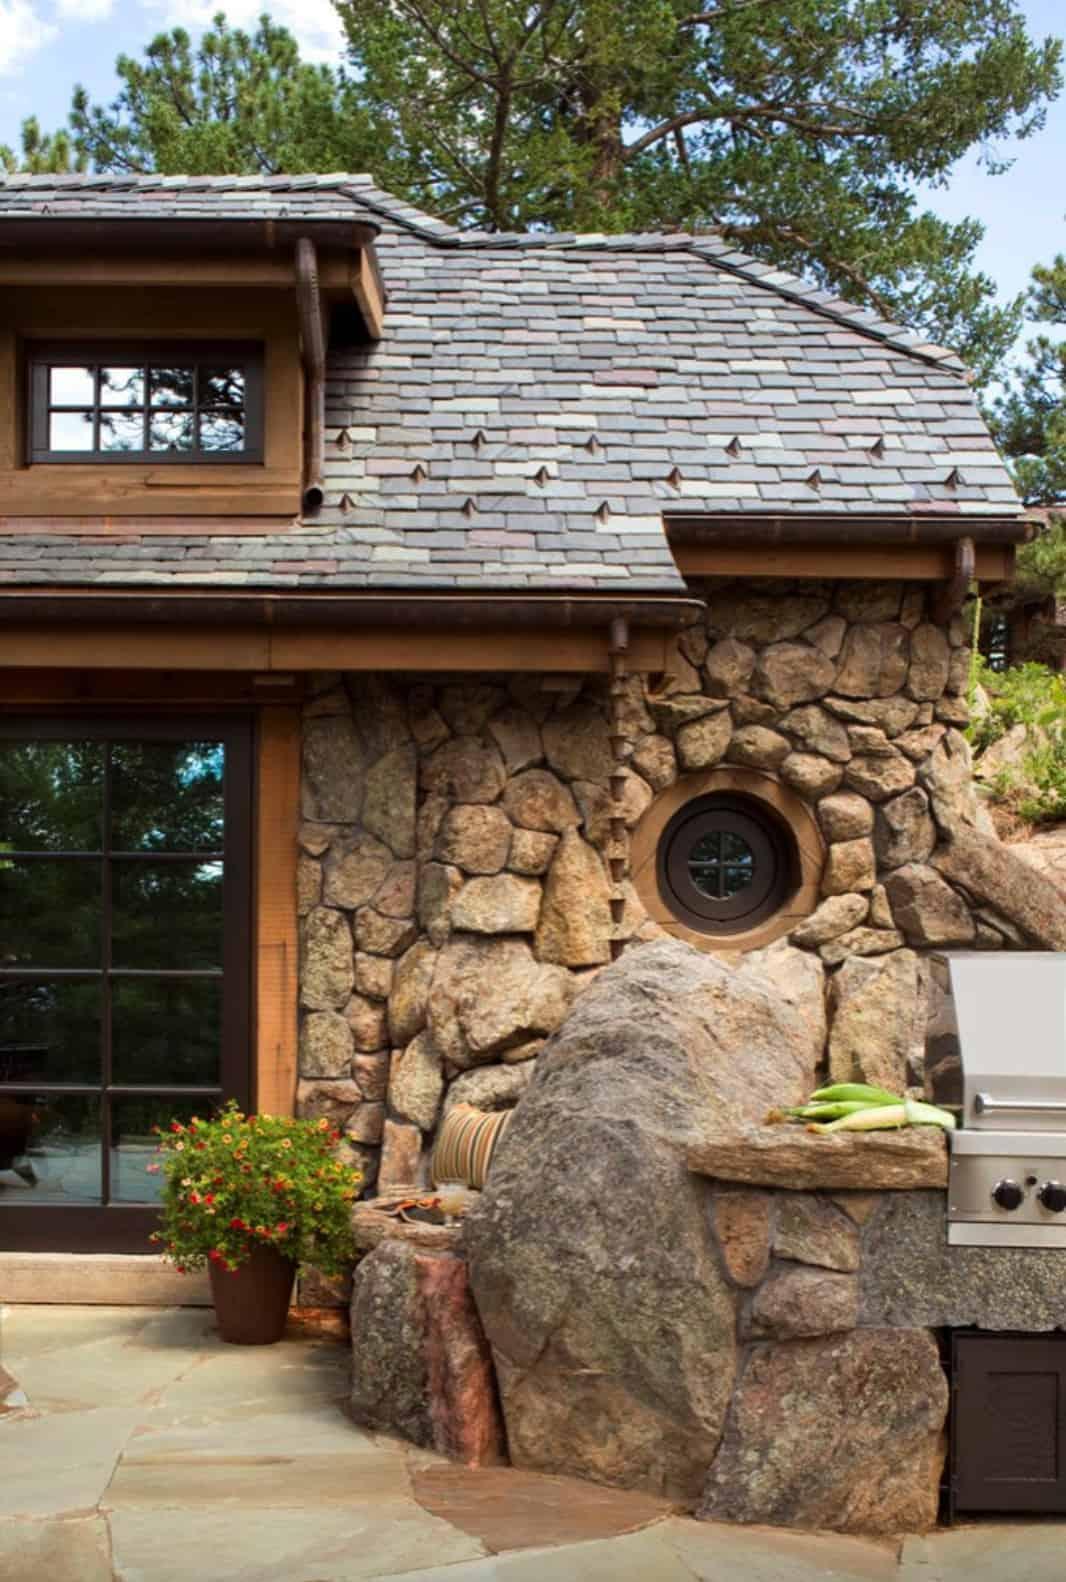 exterior-cabaña-de-piedra-rustica